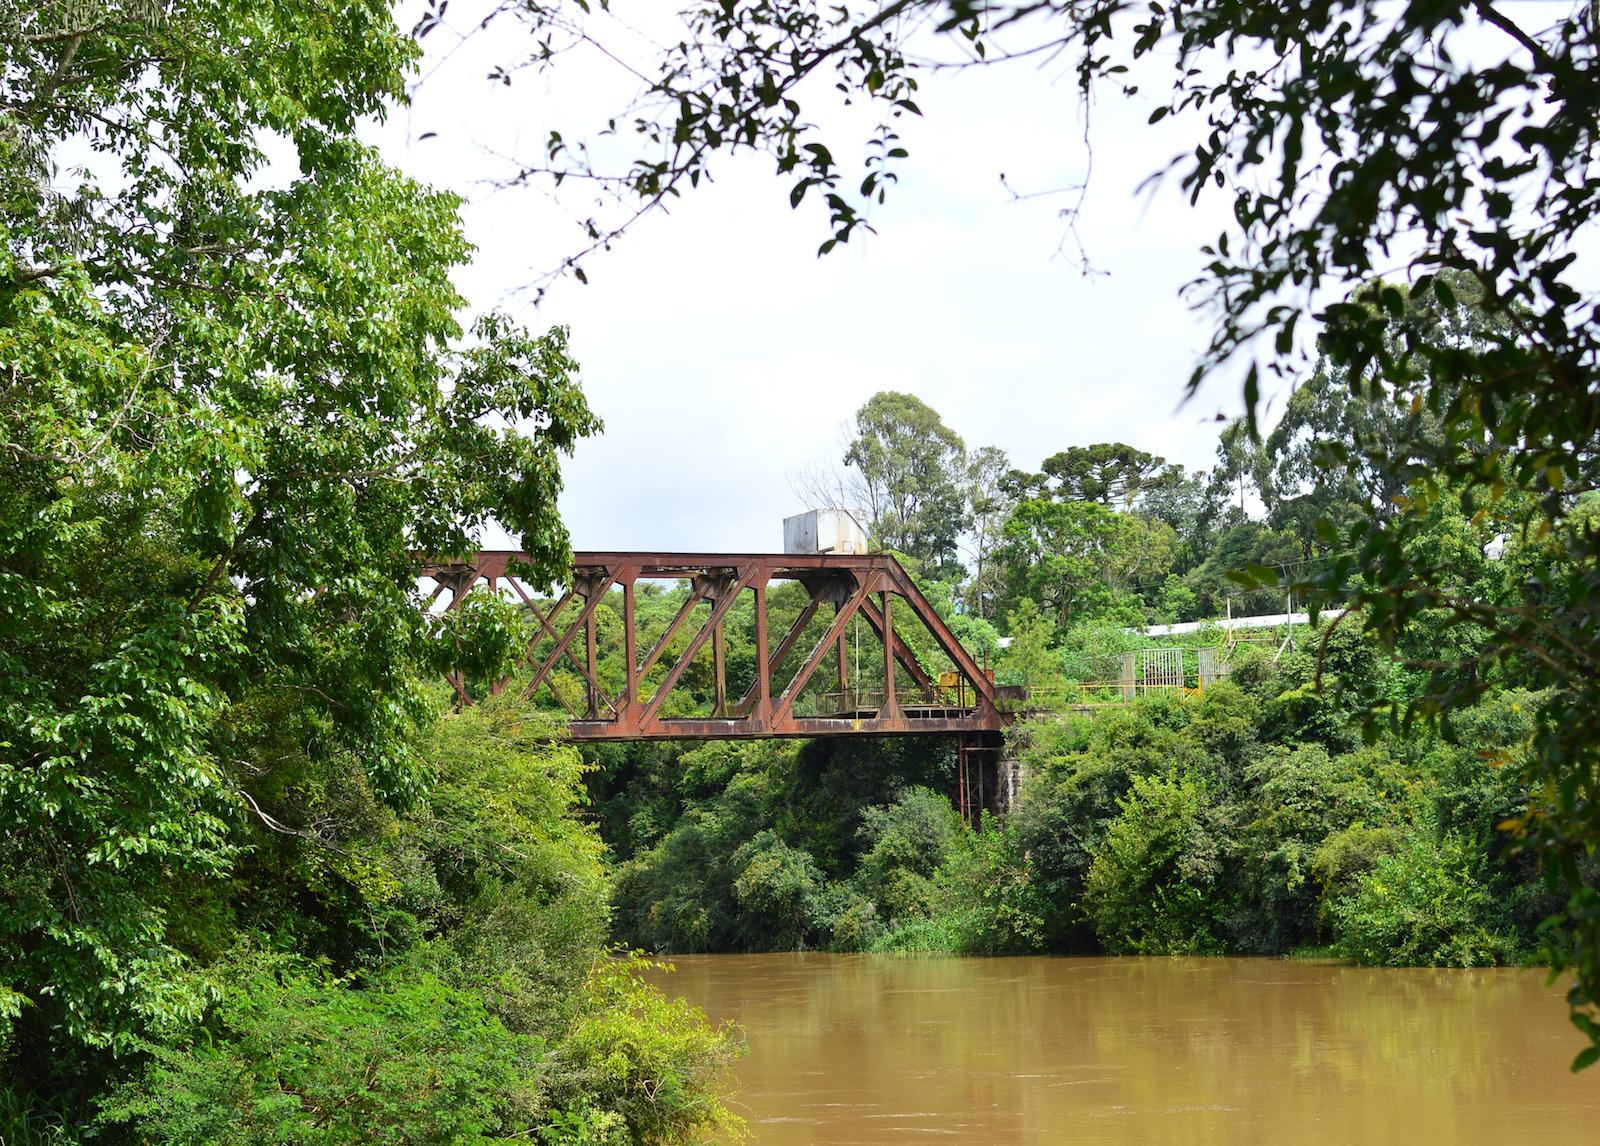 Figura 6: Antiga ponte ferroviária para o Ramal do Rio Negro. Posição [3] no quadro sinótico